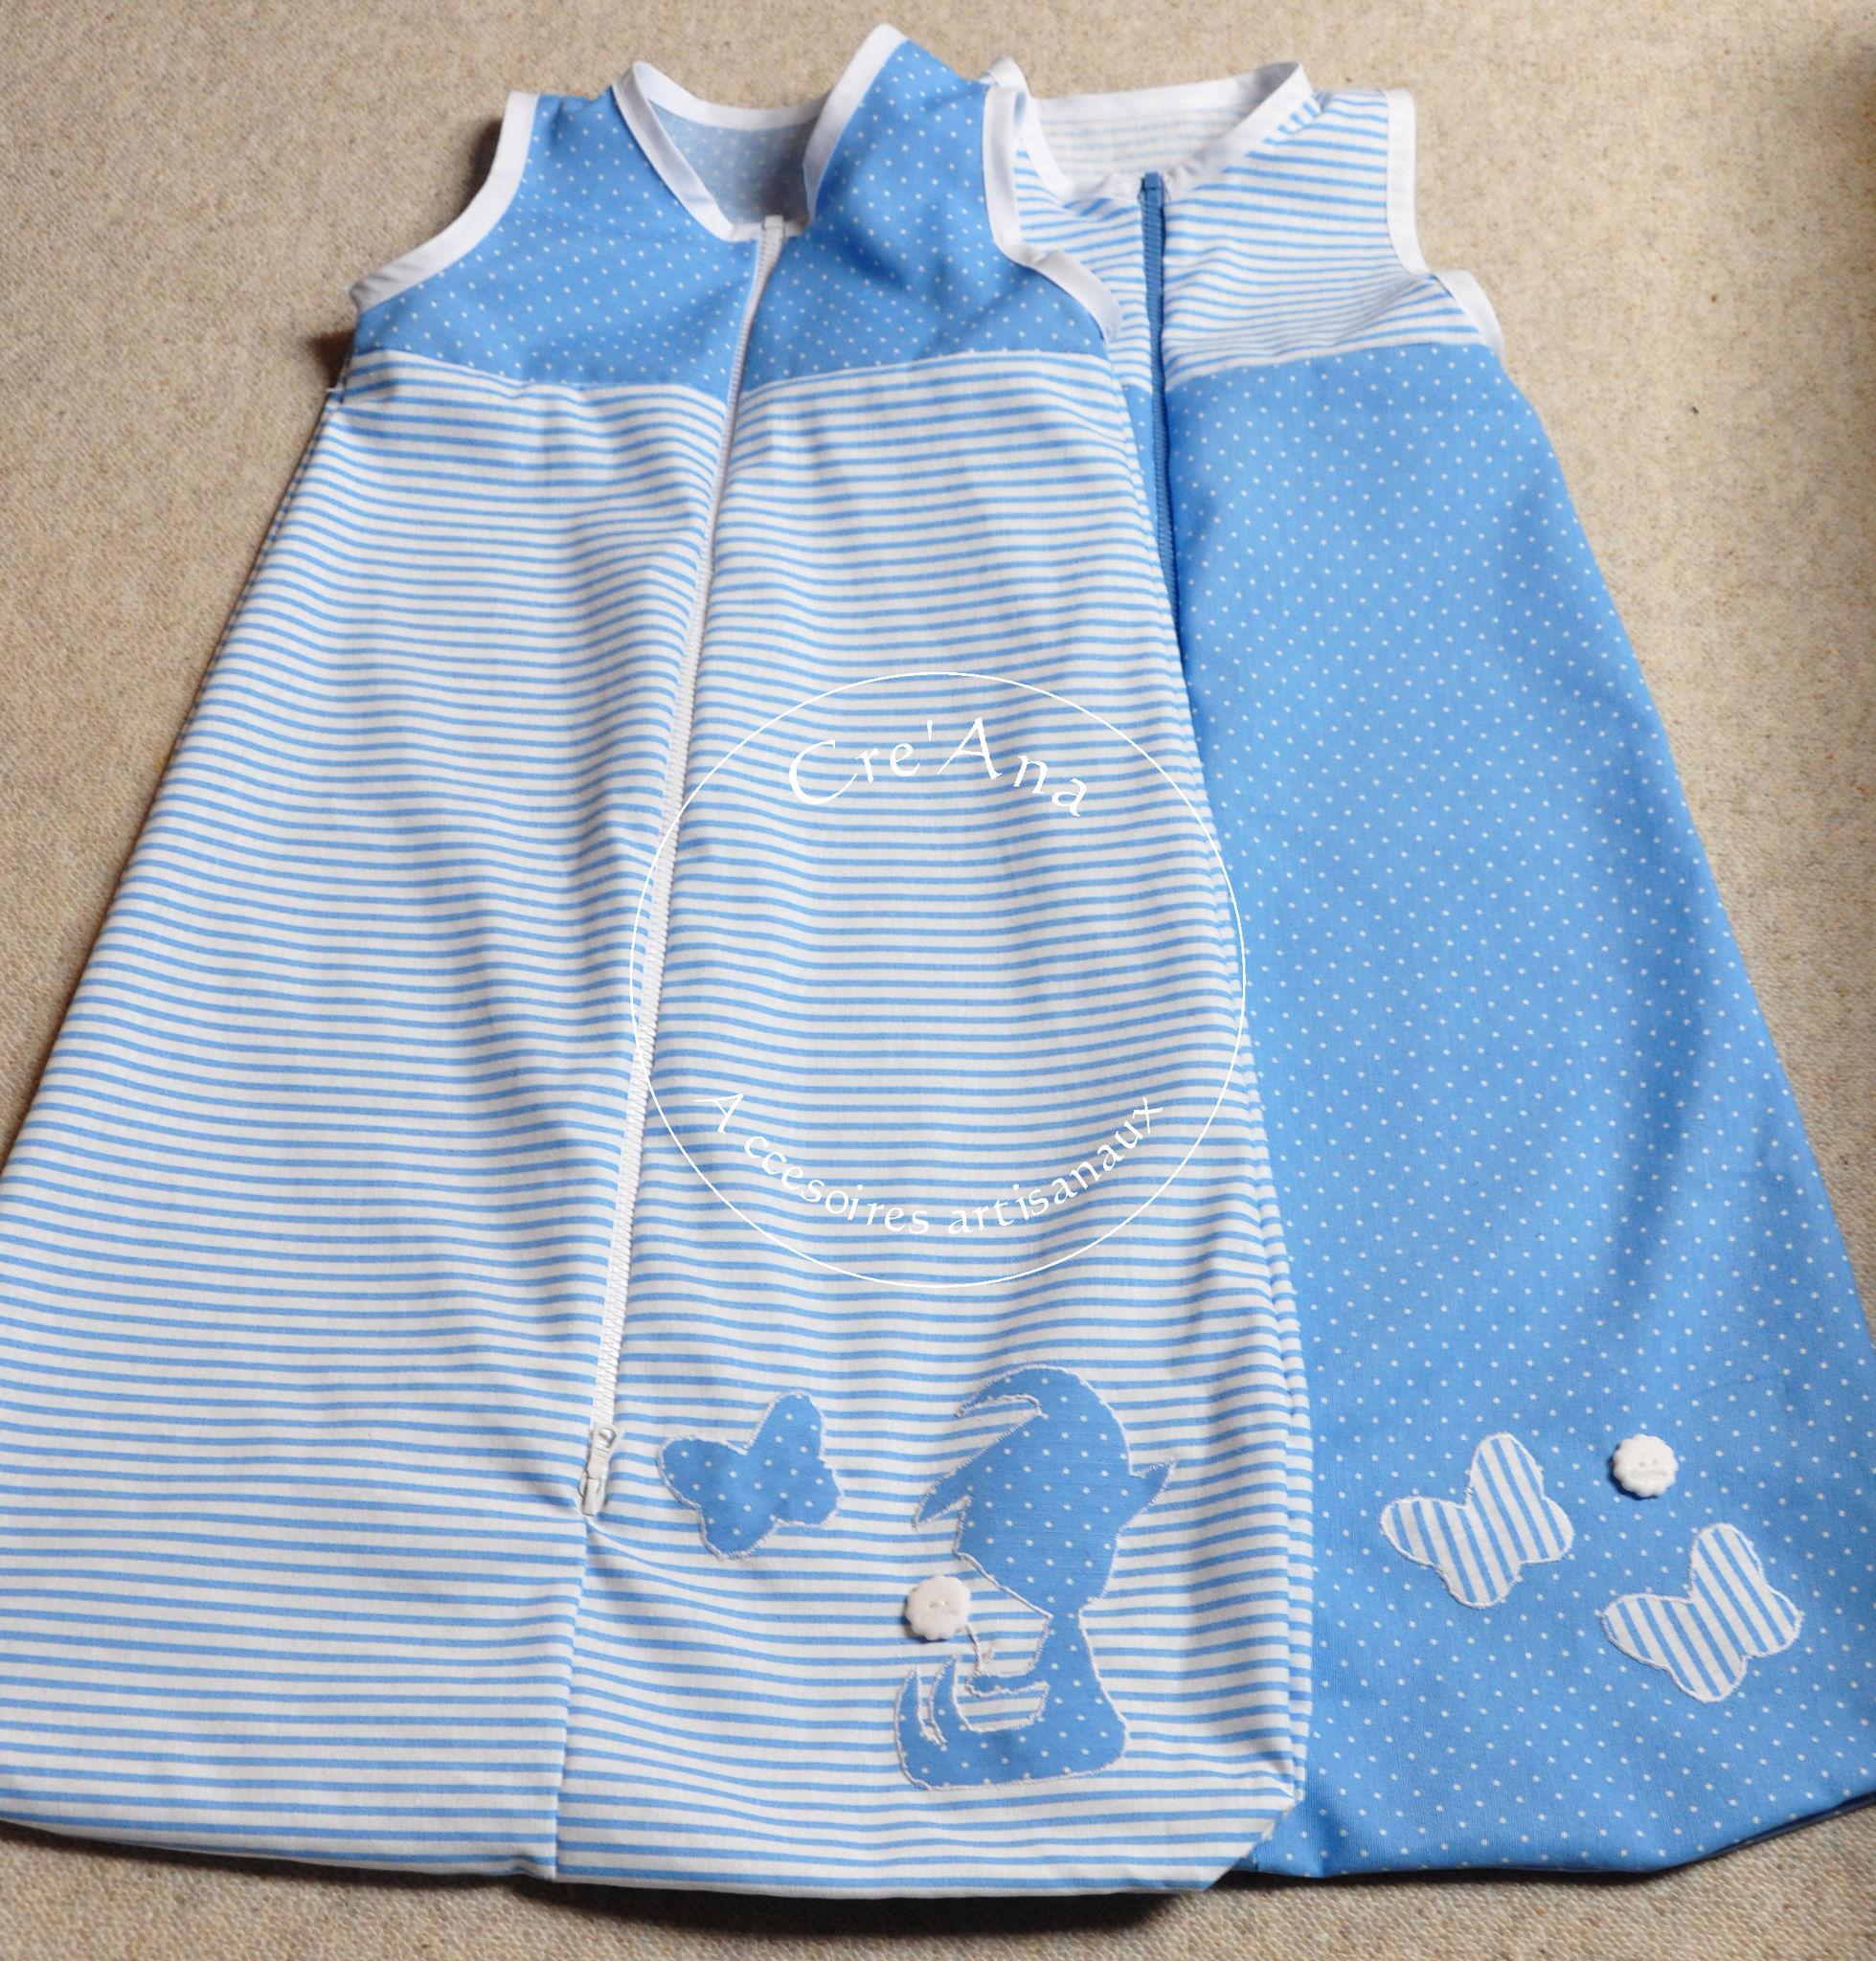 Sacs de couchage bleu avec lutin et papillon